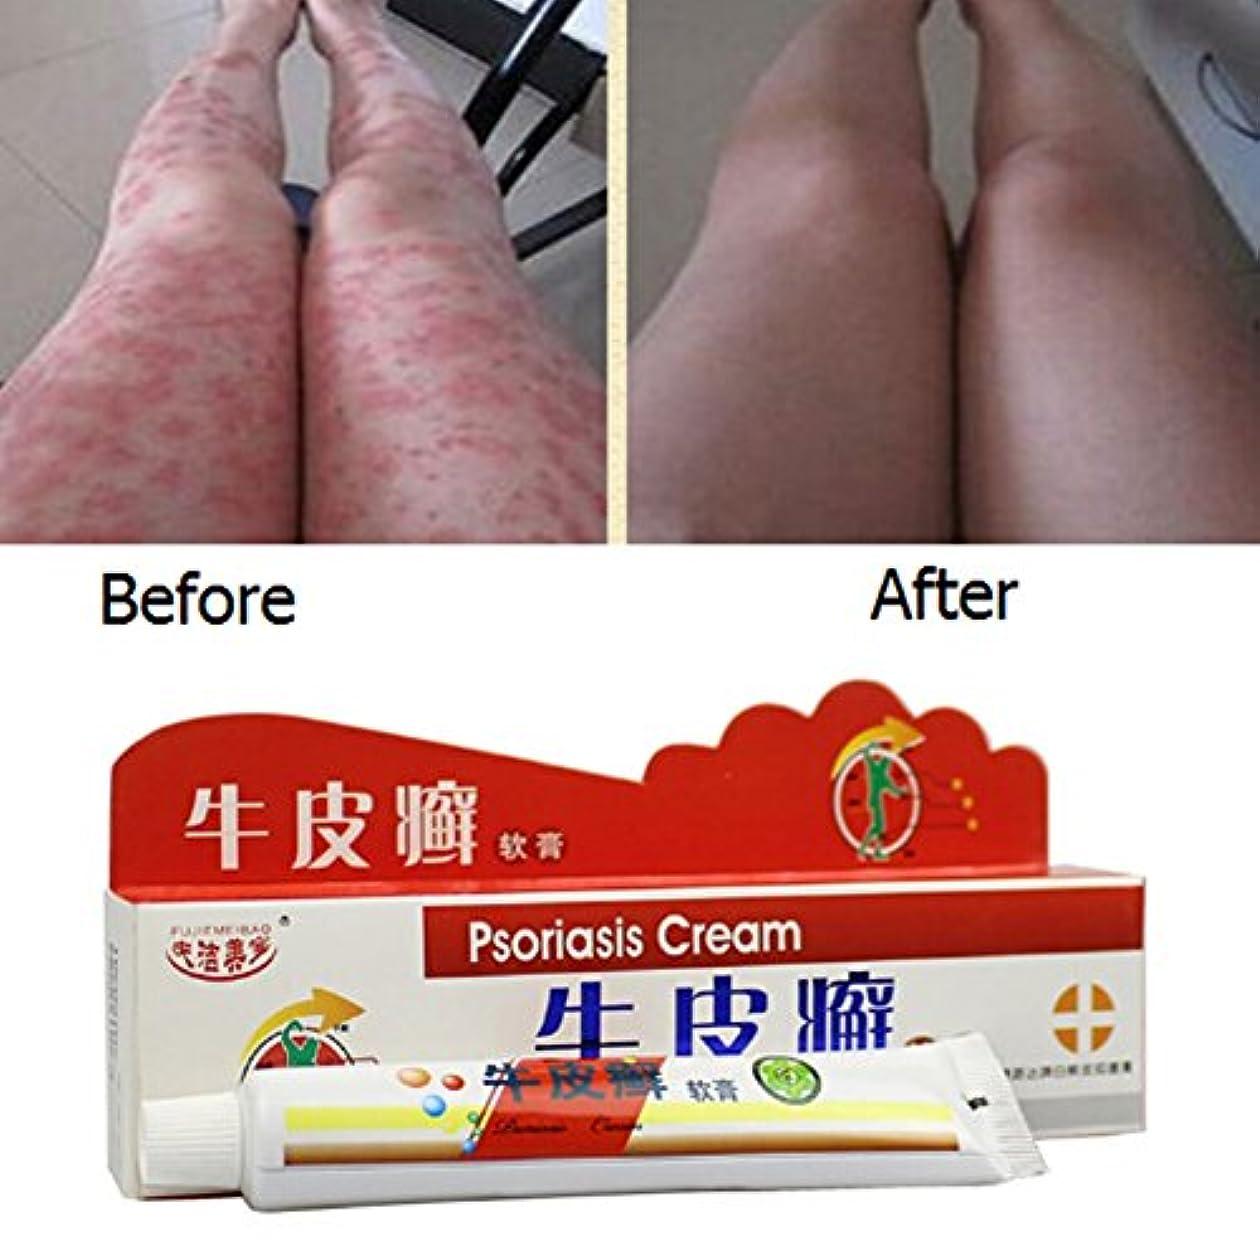 かもしれない買うグラフィックBalai 乾癬クリーム 中国のハーブ抗菌軟膏クリーム 湿疹乾癬 治療かゆみ止めクリーム